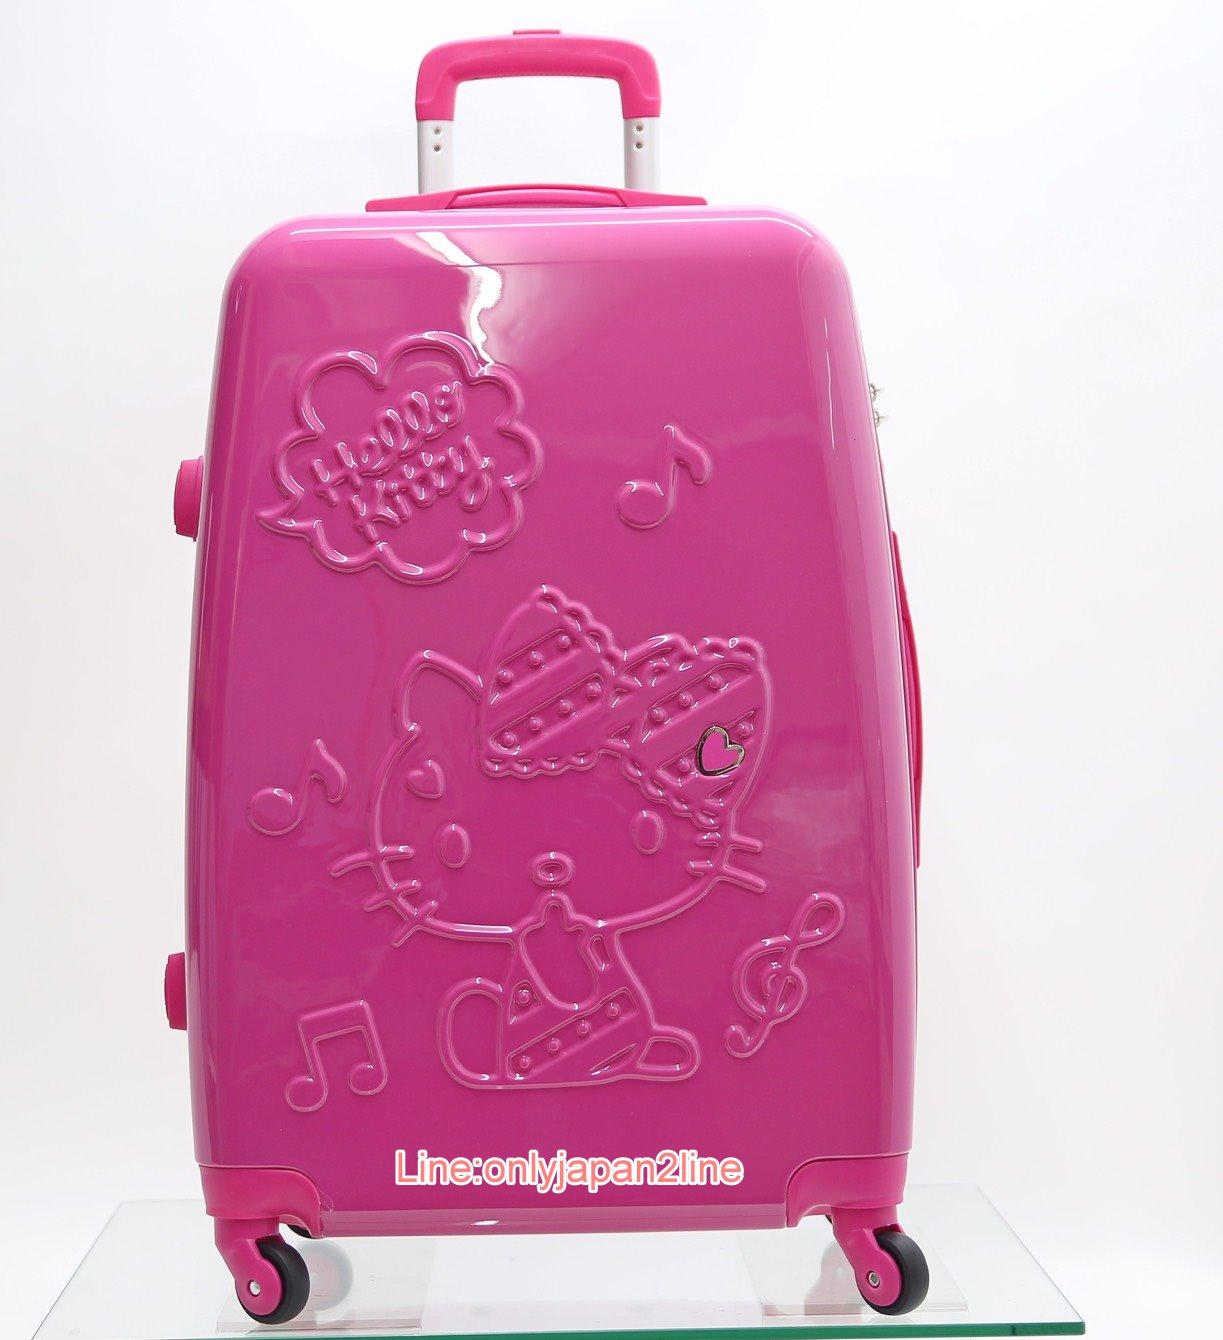 【真愛日本】16061600002旅行箱 20吋/24吋-夢幻樂章桃   三麗鷗 Hello Kitty 凱蒂貓 行李箱 登機箱